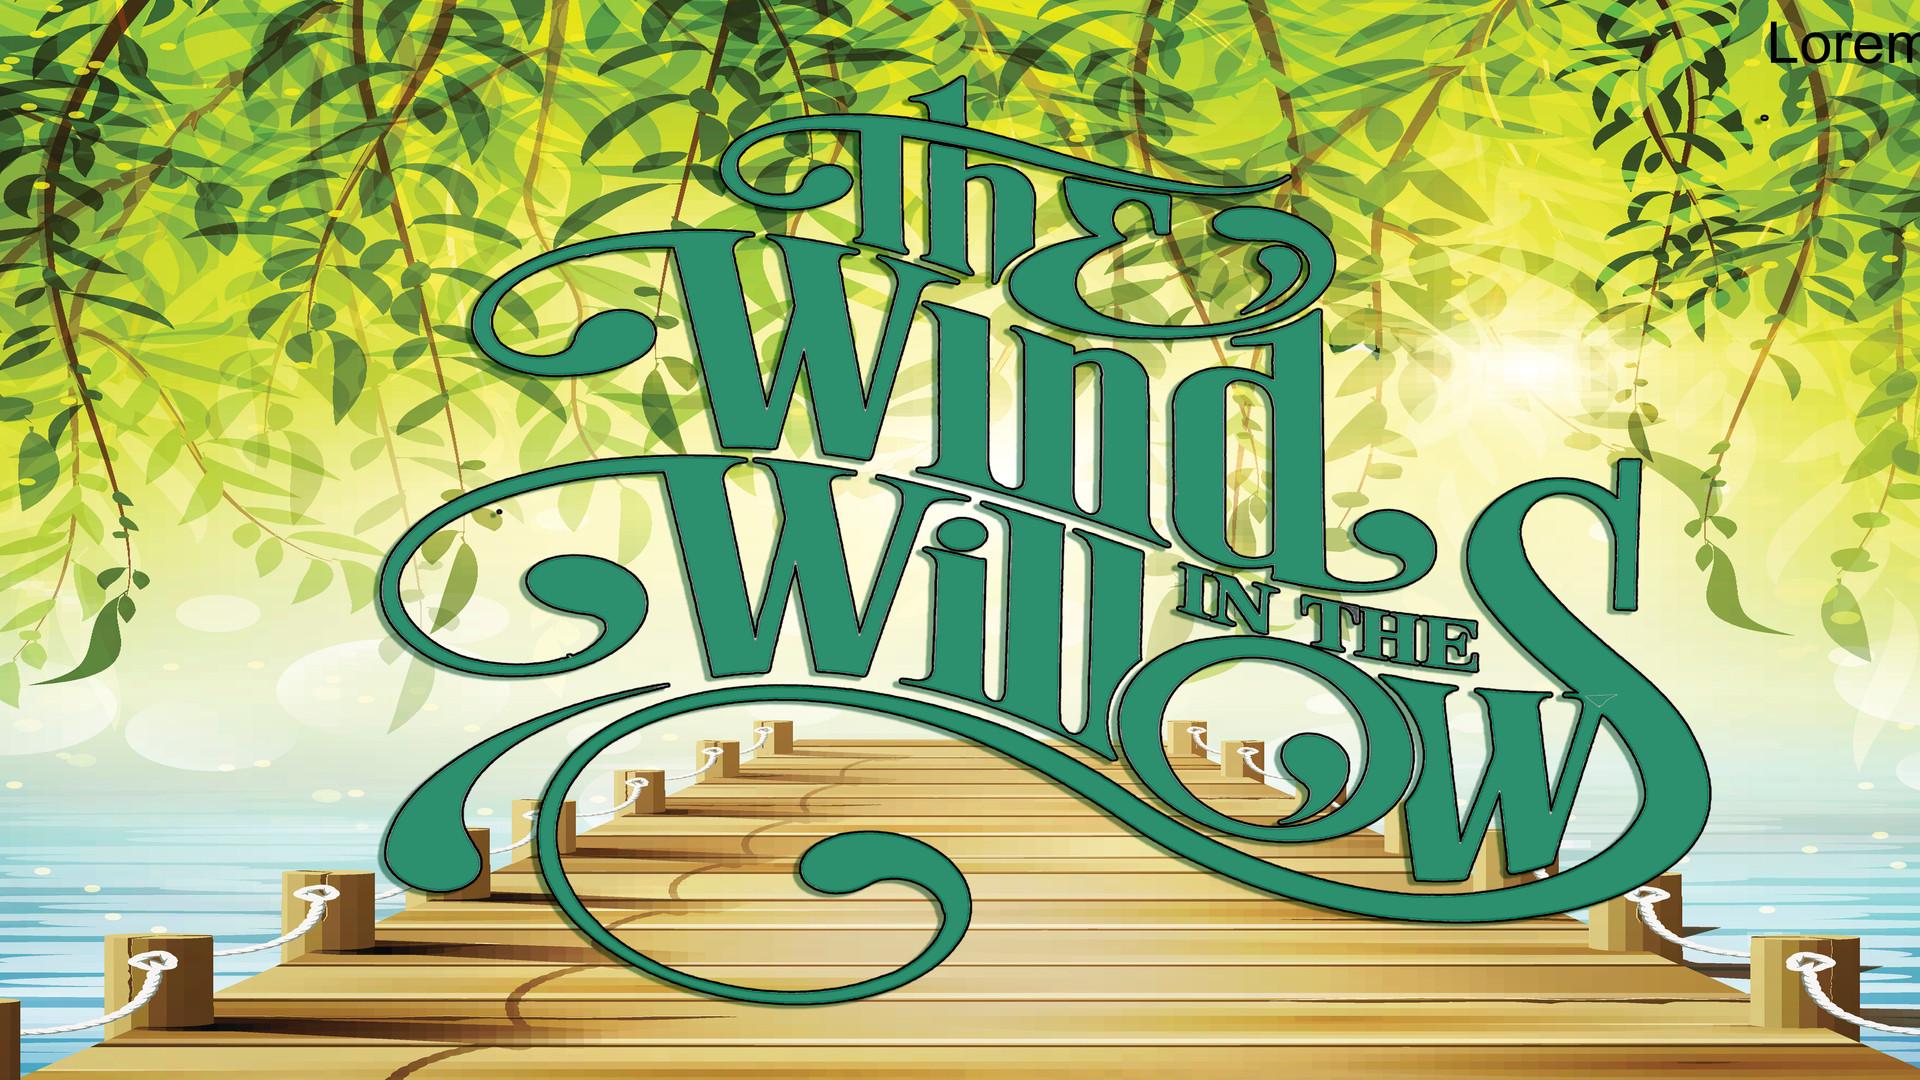 wiw cover.jpg